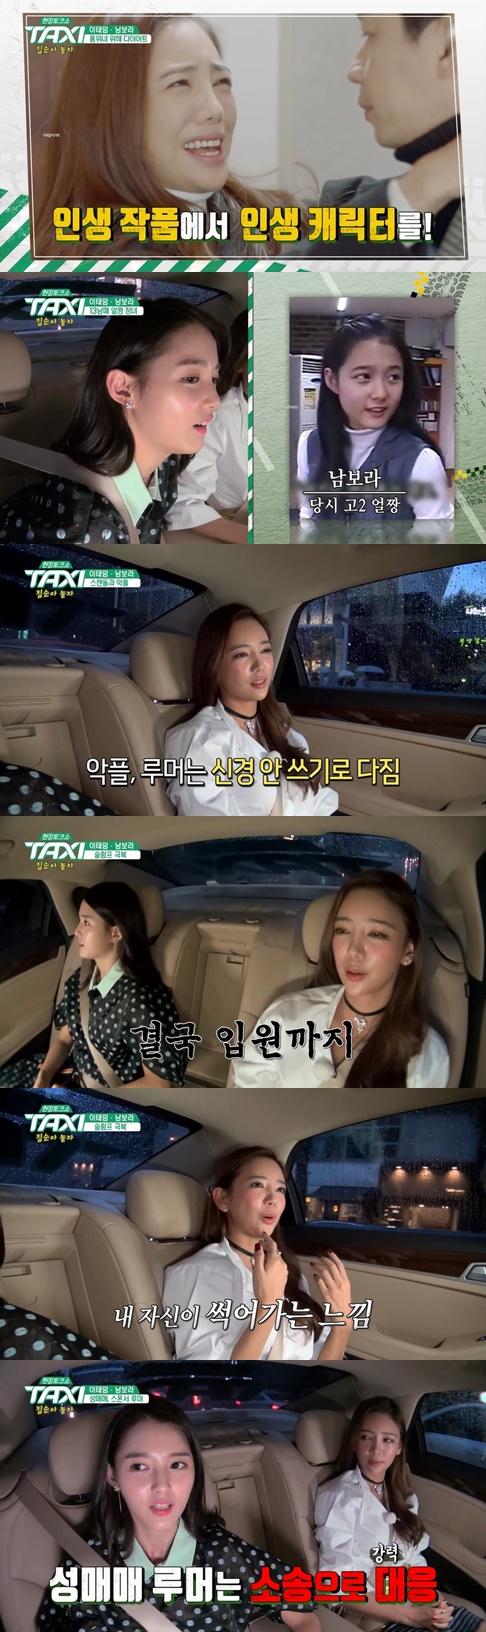 `택시` 이태임X남보라, 욕설 논란과 성매매 루머 그후..¨쇼크로 정신 잃었다¨(종합)